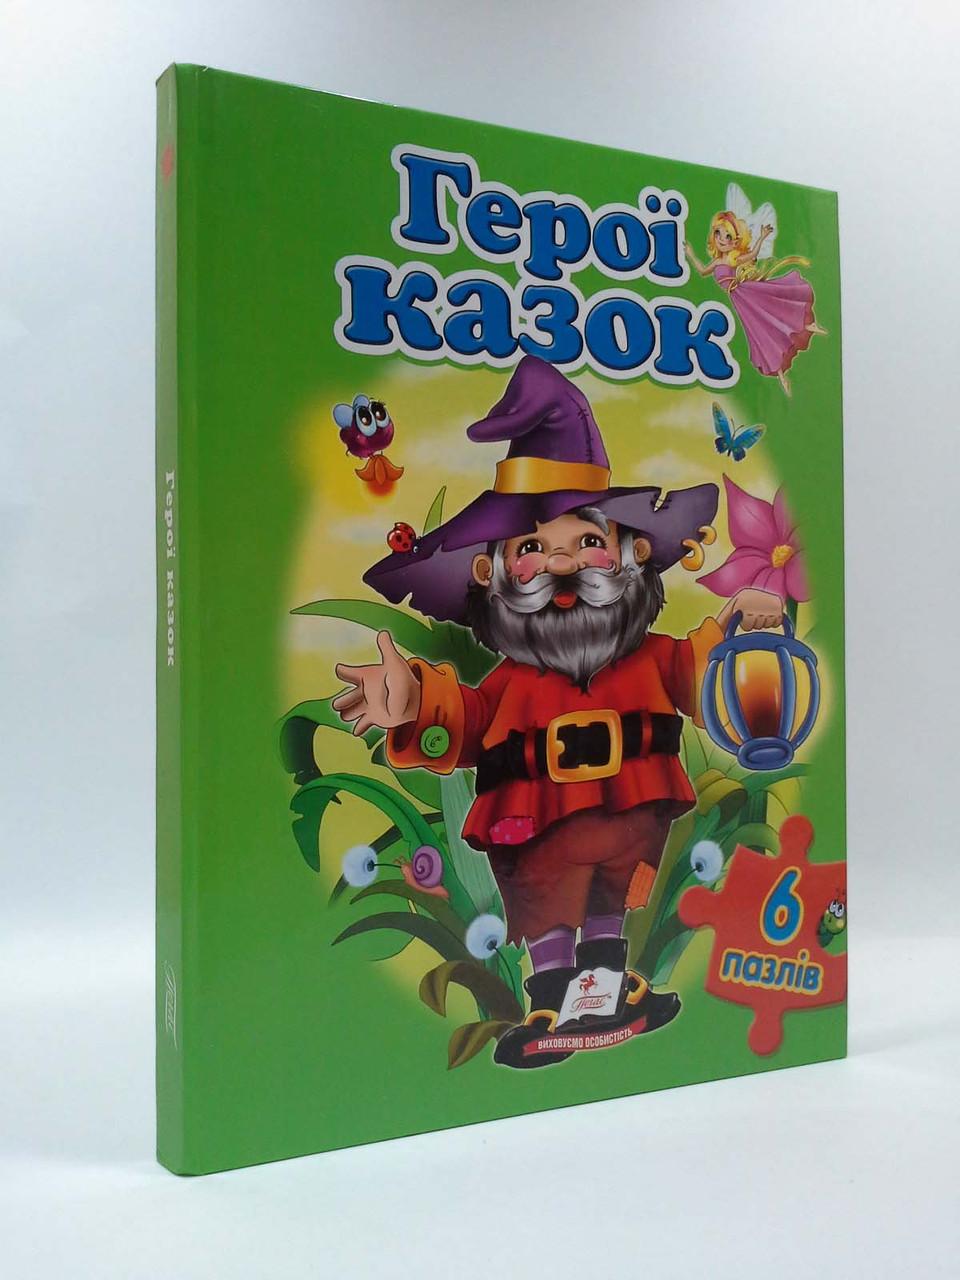 Книга-пазл (6). Герої казок. Пегас